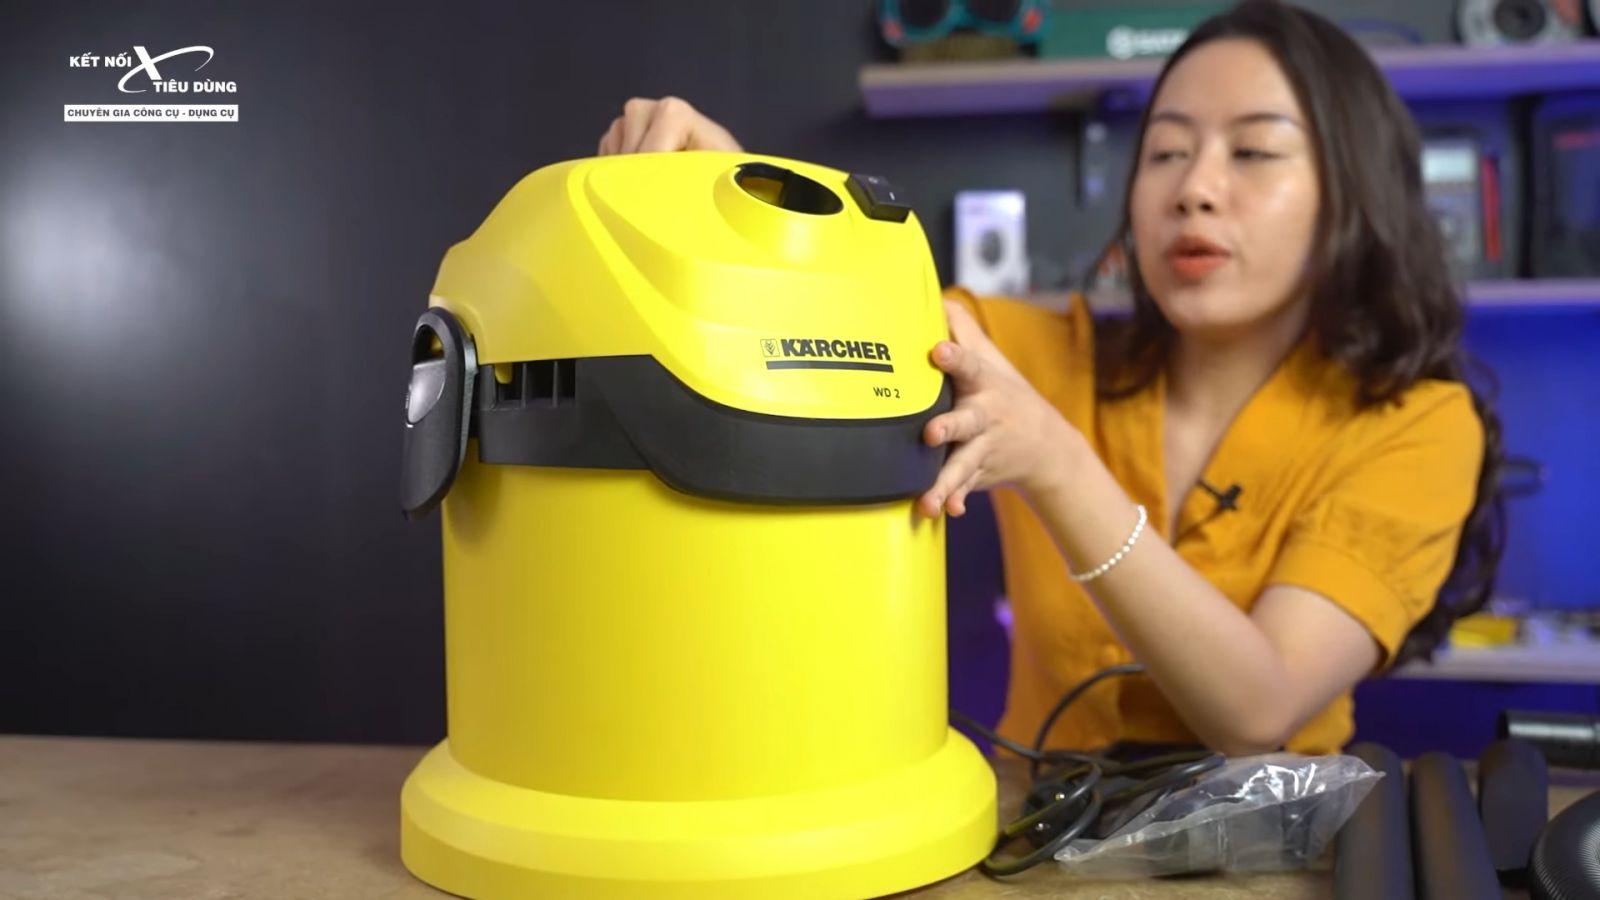 Review máy hút bụi khô và ướt cao cấp Karcher WD2 xịn sò, chuẩn công nghiệp - thương hiệu sản xuất máy hút bụi